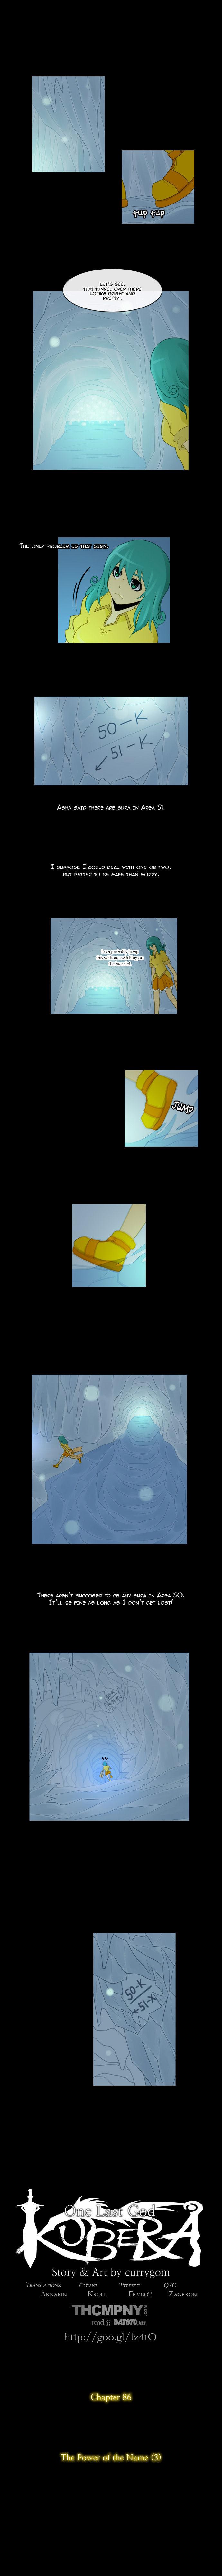 Kubera 86 Page 1